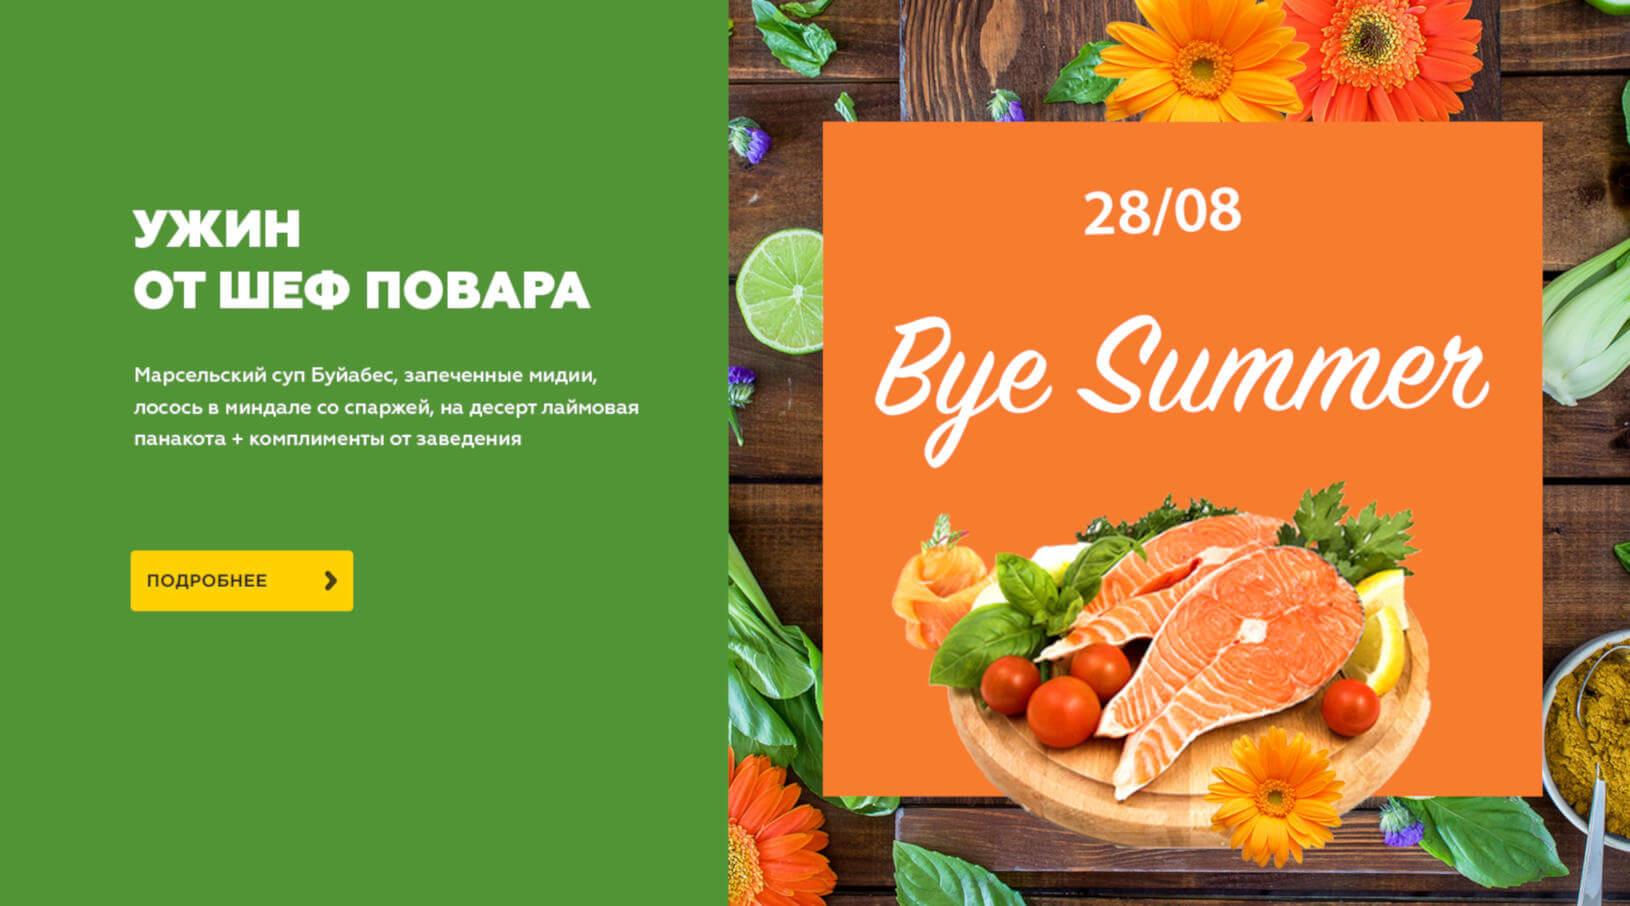 Bye Summer в Le Komora баннер